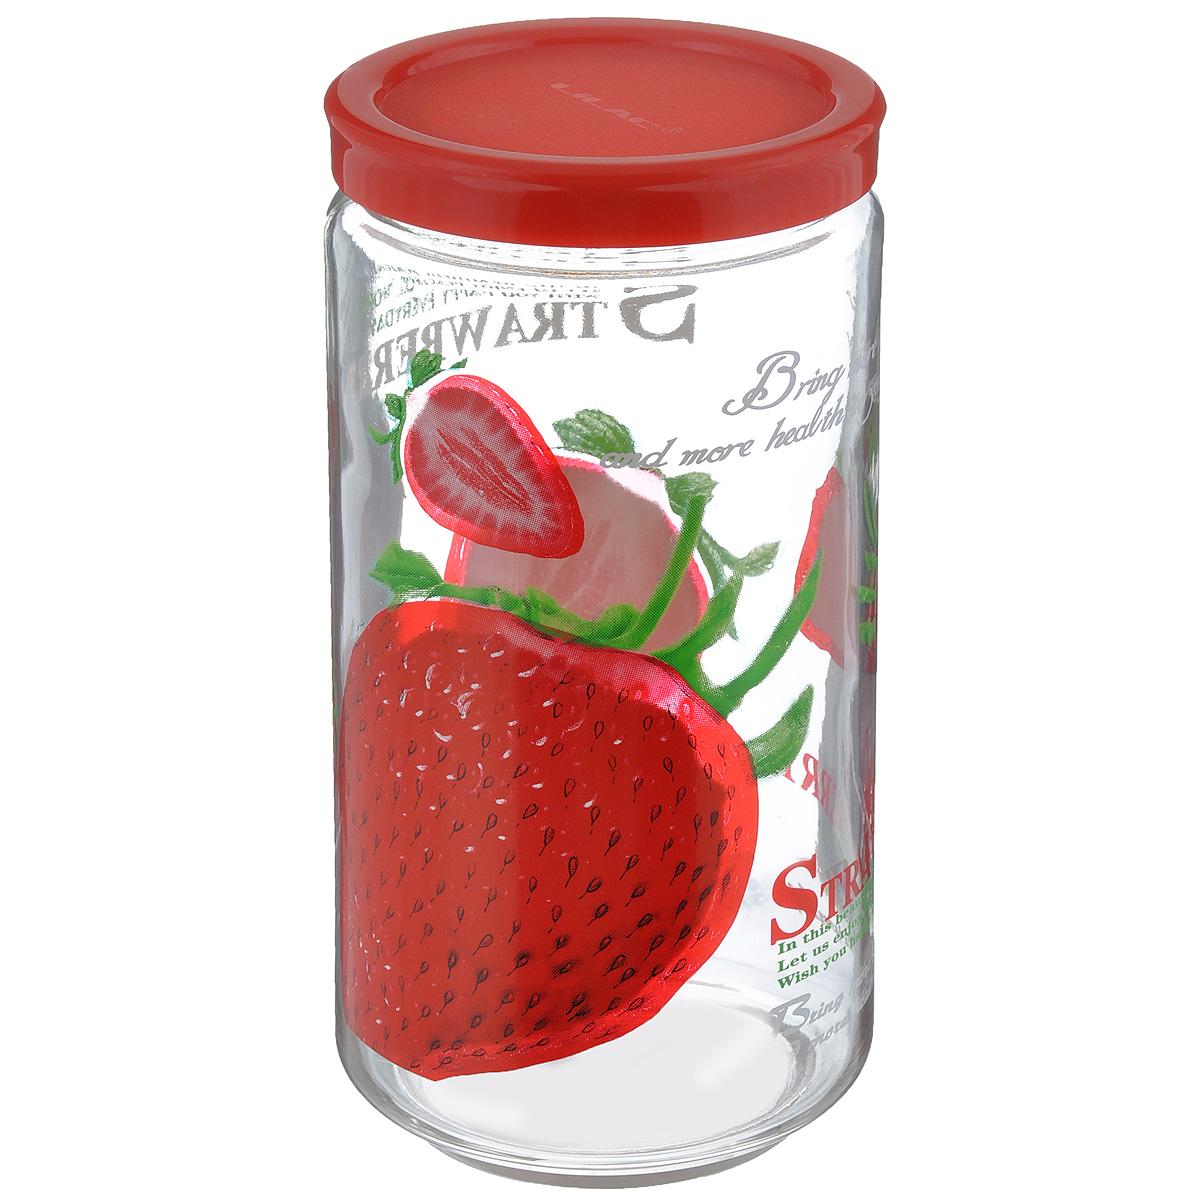 Банка для сыпучих продуктов Lilac, цвет: прозрачный, красный, 800 млLLS4800Банка для сыпучих продуктов Lilac изготовлена из прочного стекла и декорирована красочным рисунком. Банка оснащена плотно закрывающейся пластиковой крышкой. Благодаря этому внутри сохраняется герметичность, и продукты дольше остаются свежими. Изделие предназначено для хранения различных сыпучих продуктов: круп, чая, сахара, орехов и многого другого. Функциональная и вместительная, такая банка станет незаменимым аксессуаром на любой кухне. Не рекомендуется мыть в посудомоечной машине. Диаметр (по верхнему краю): 6 см. Высота банки (без учета крышки): 16,5 см.